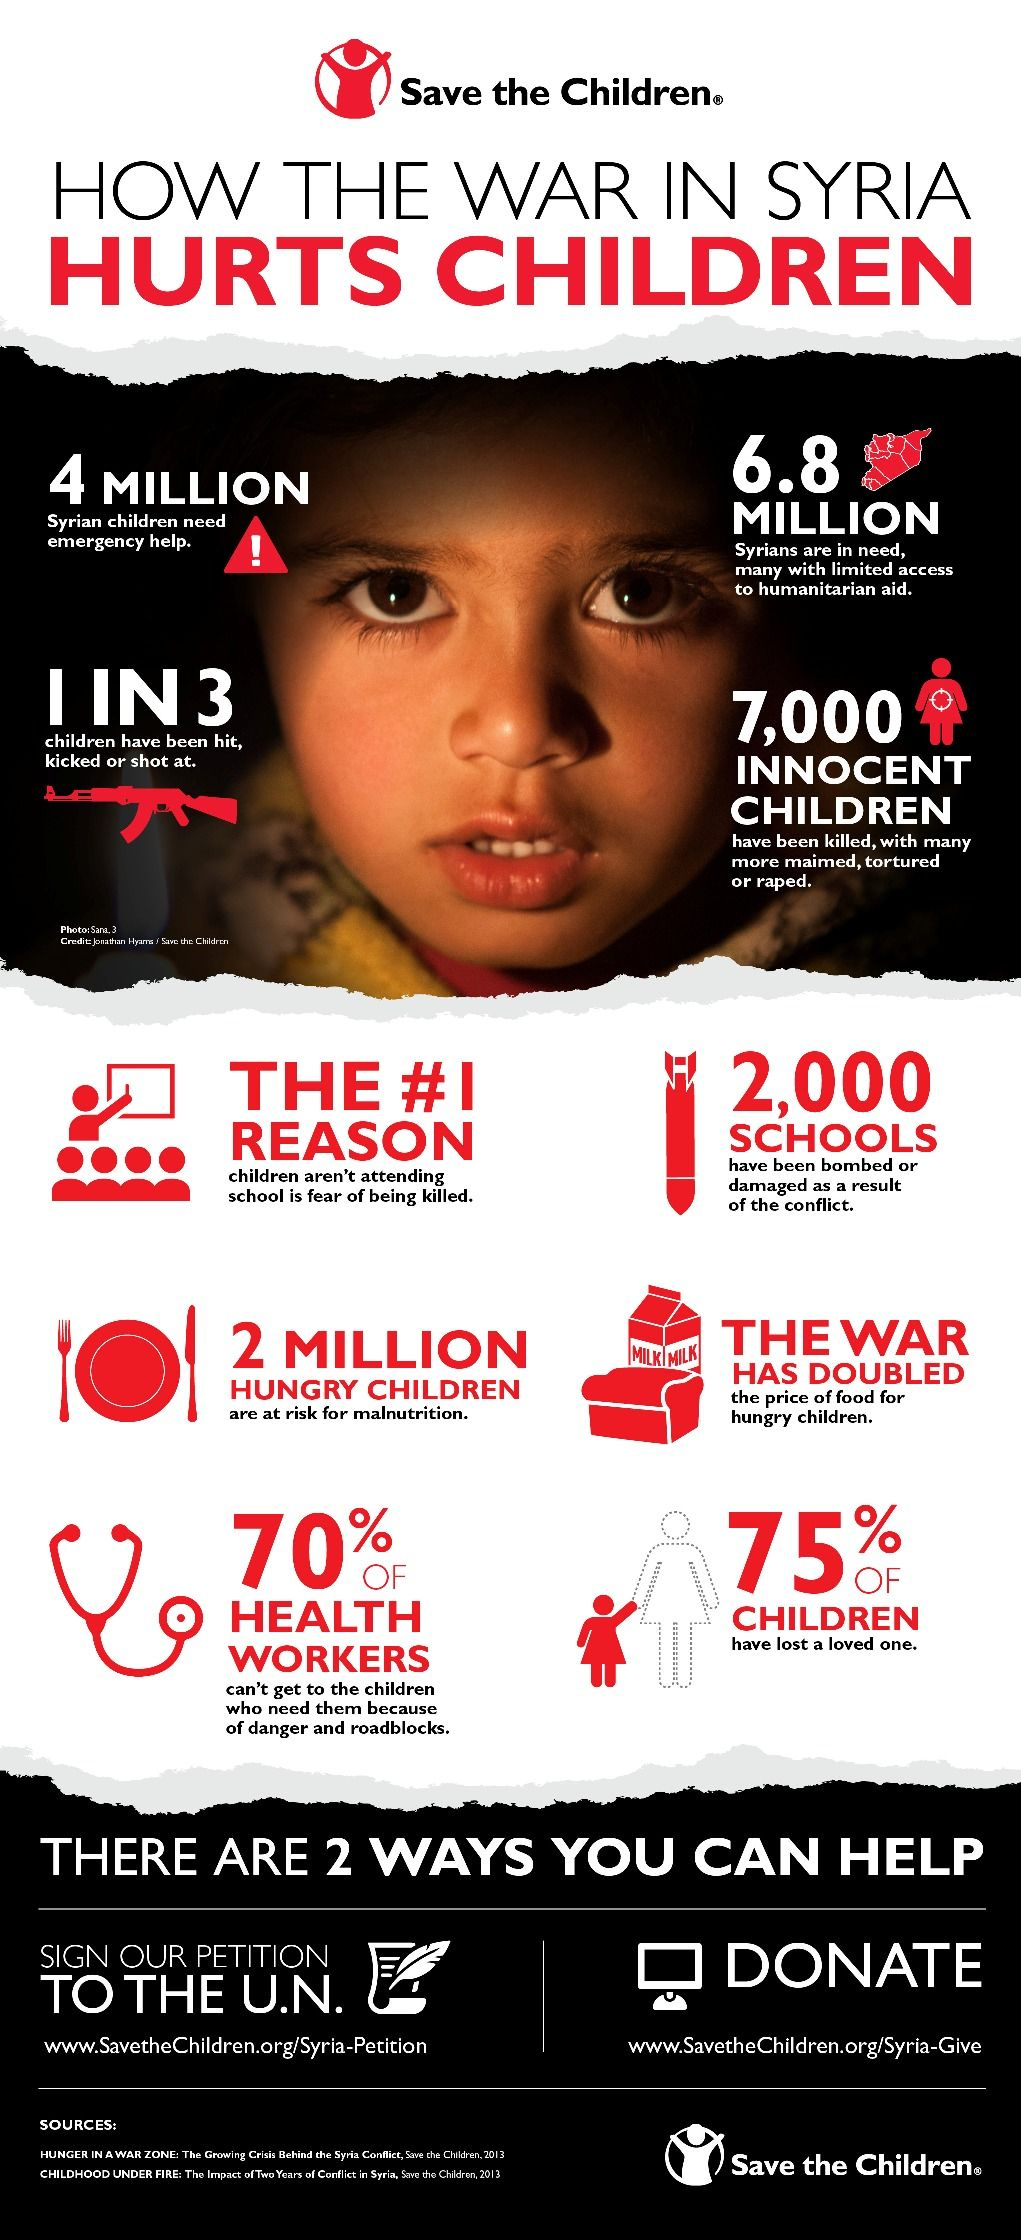 Save The Children Poster – Daily Dellavella